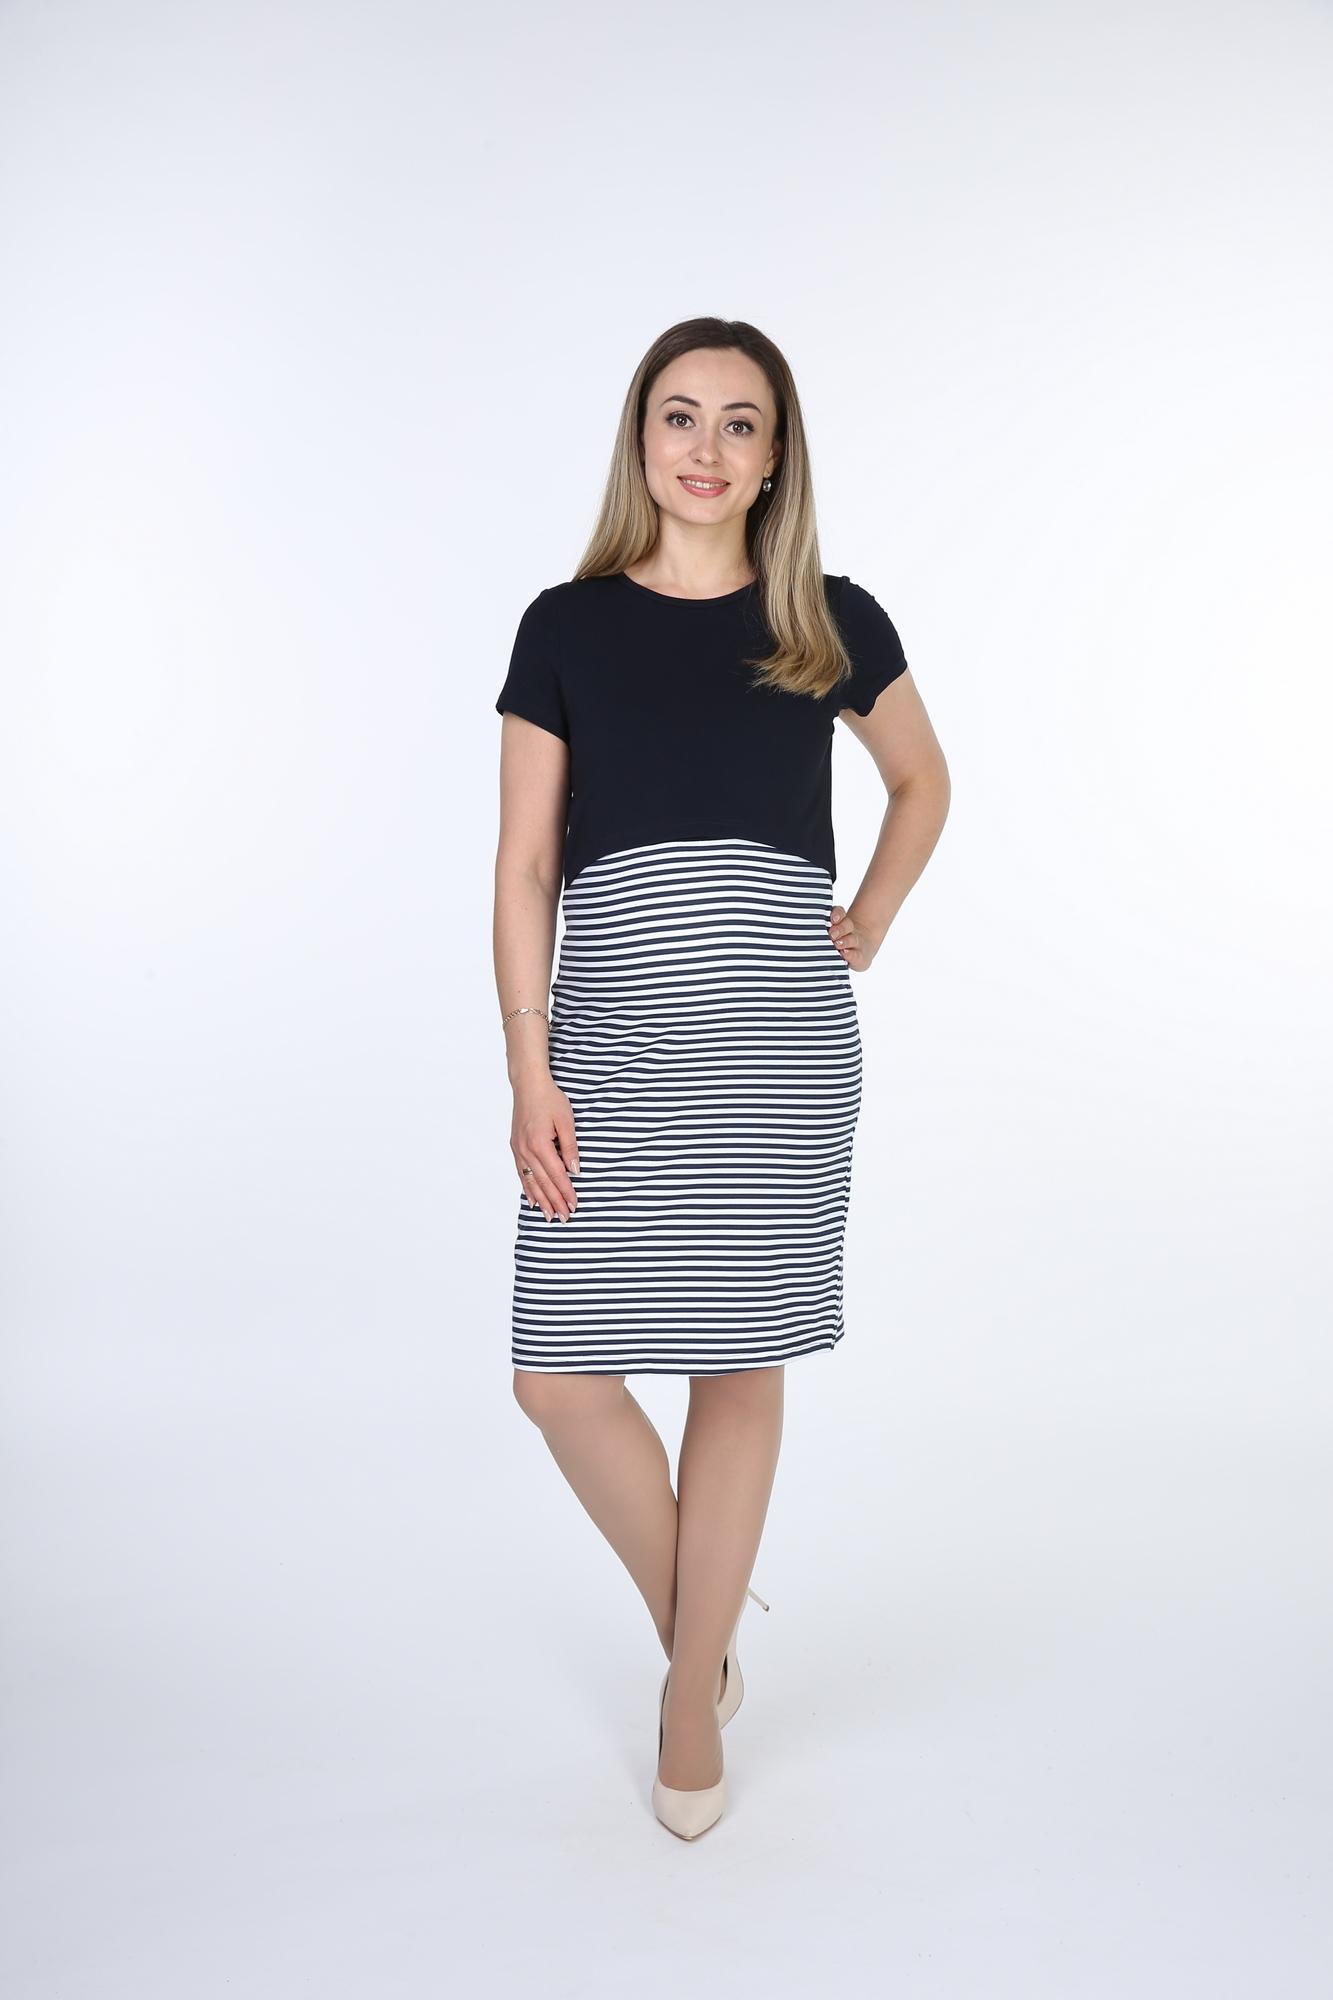 Фото платье для беременных Magica bellezza от магазина СкороМама. синий, белая полоса, размеры.